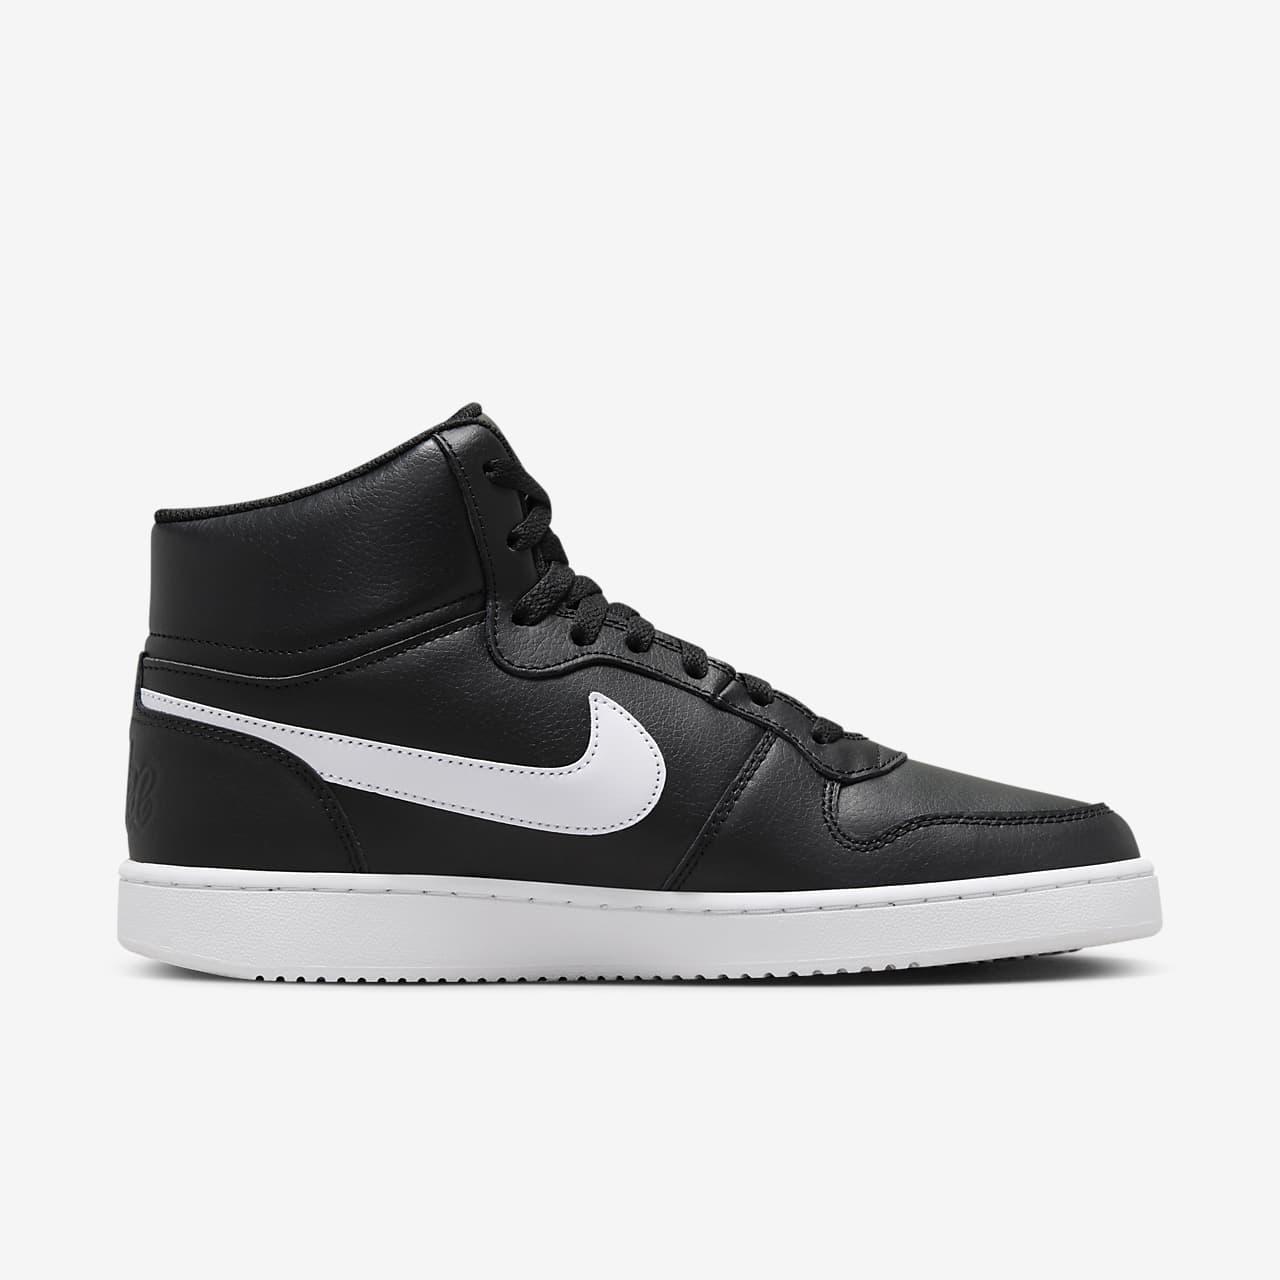 Buty modowe męskie Nike Eberon Wielka wyprzedaż